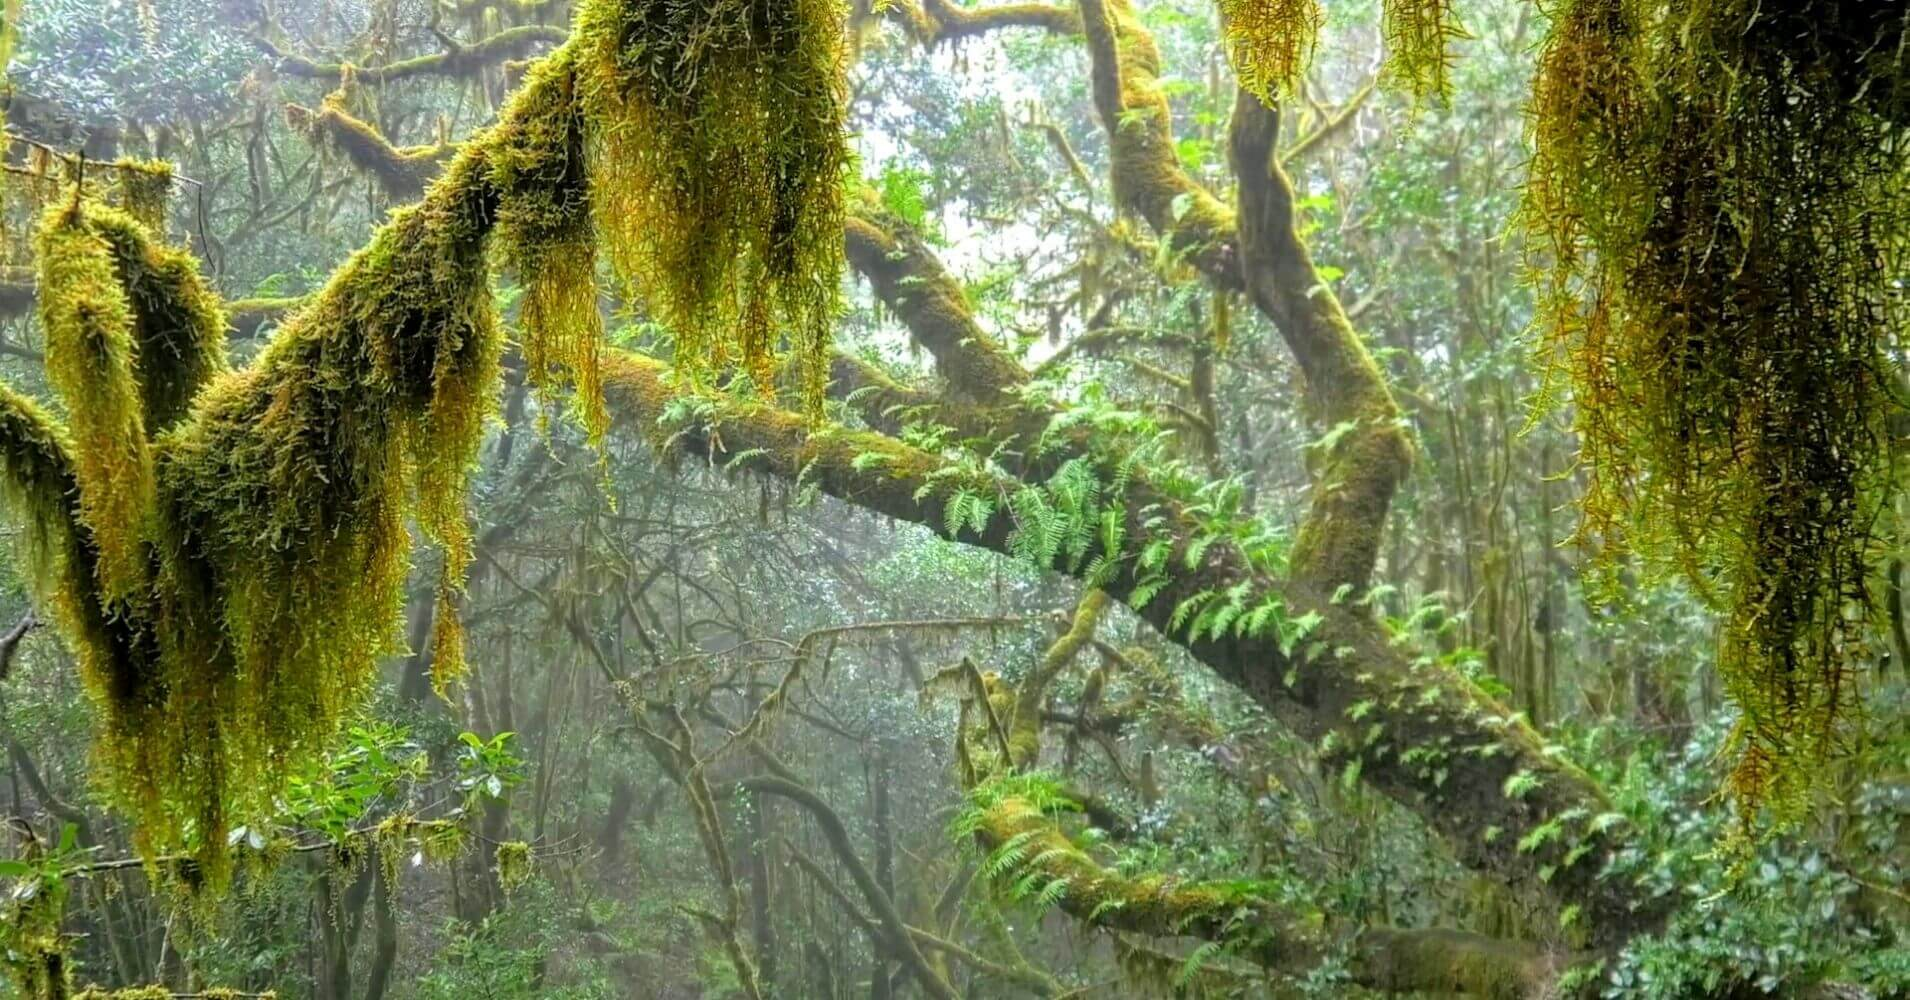 Laurasilva del Parque Nacional de Garajonay. La Gomera, Canarias.